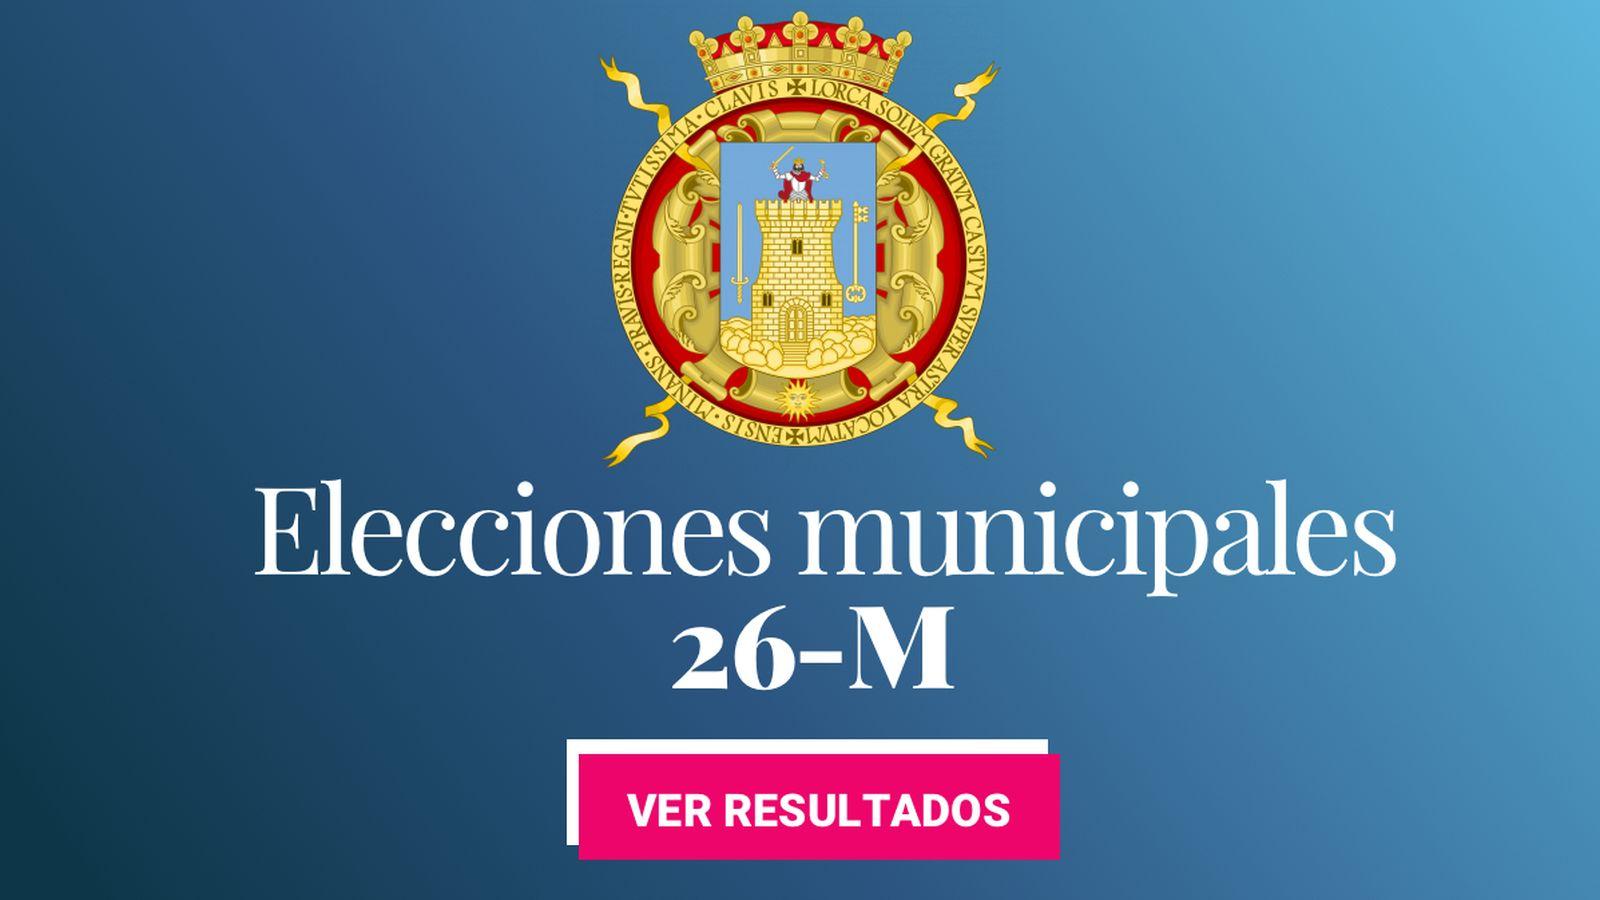 Foto: Elecciones municipales 2019 en Lorca. (C.C./EC)